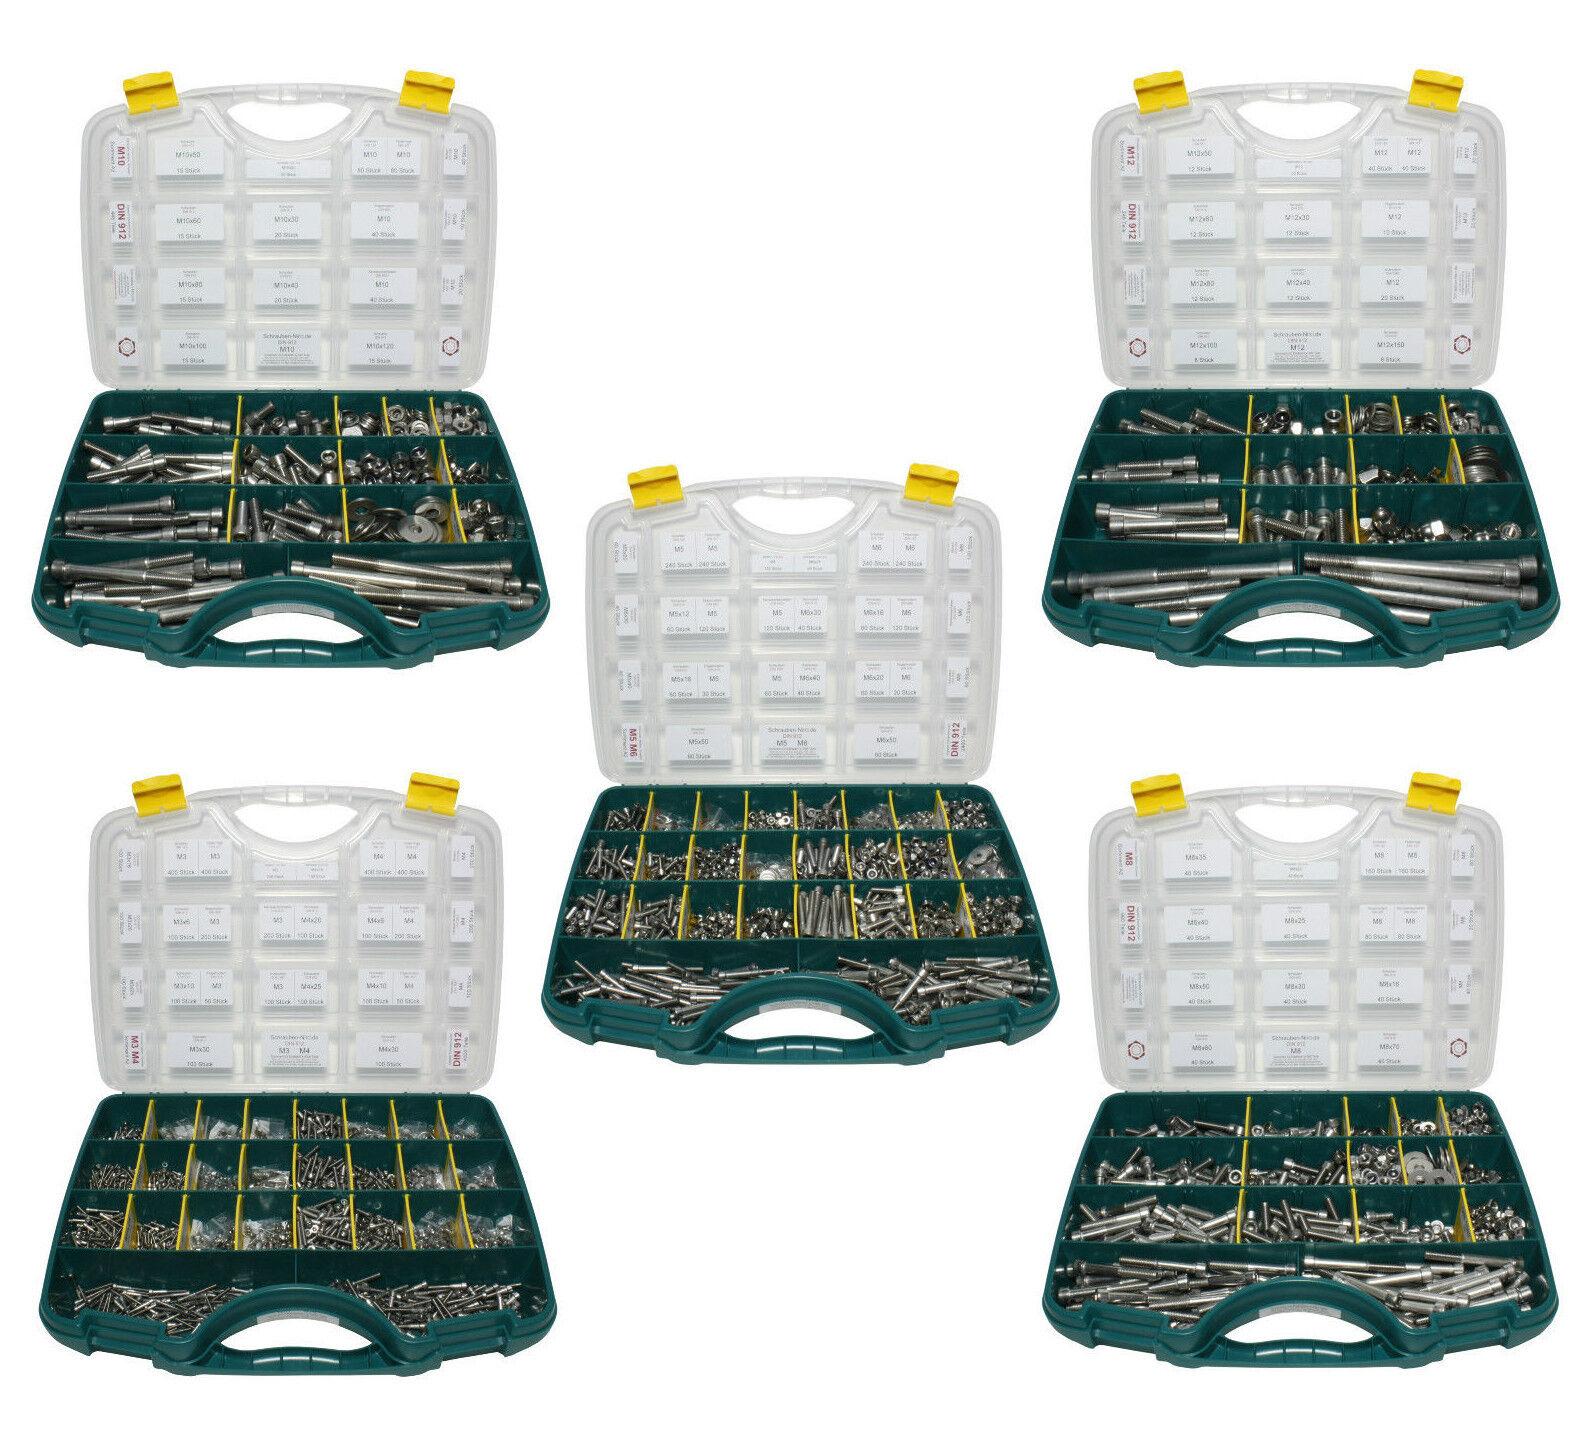 Sortiment Set Edelstahl Zylinderschrauben DIN 912 VA A2 V2A Innensechskant     | Verkaufspreis